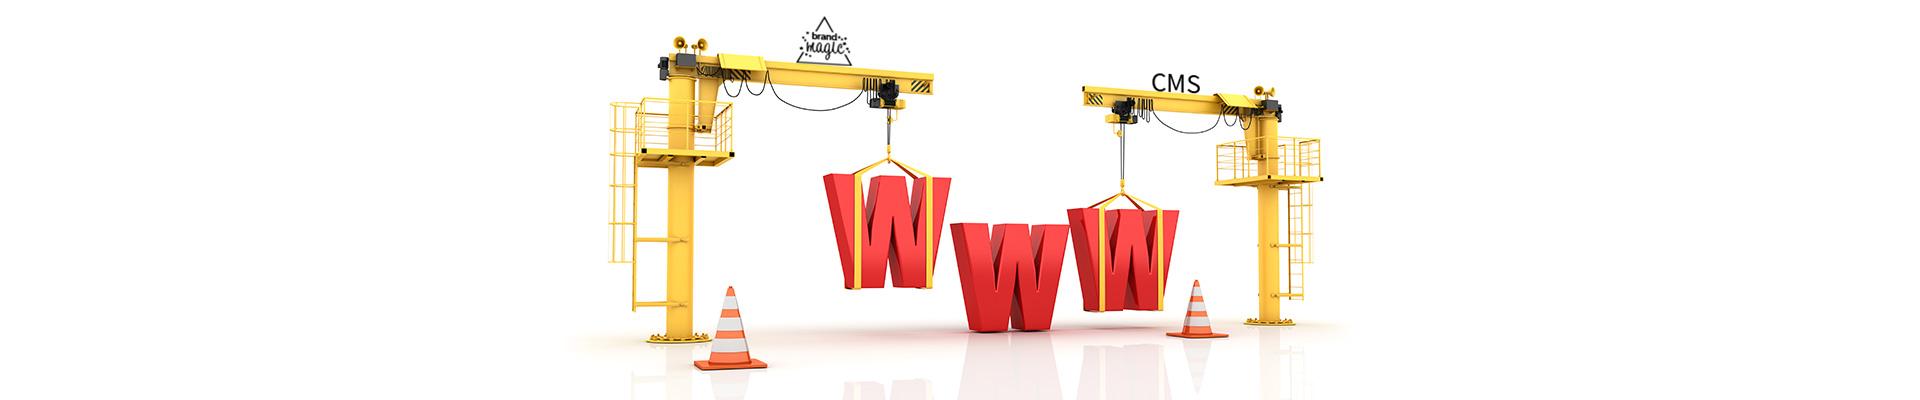 Jak stworzyć stronę internetową, czyli WordPress vs inny system CMS